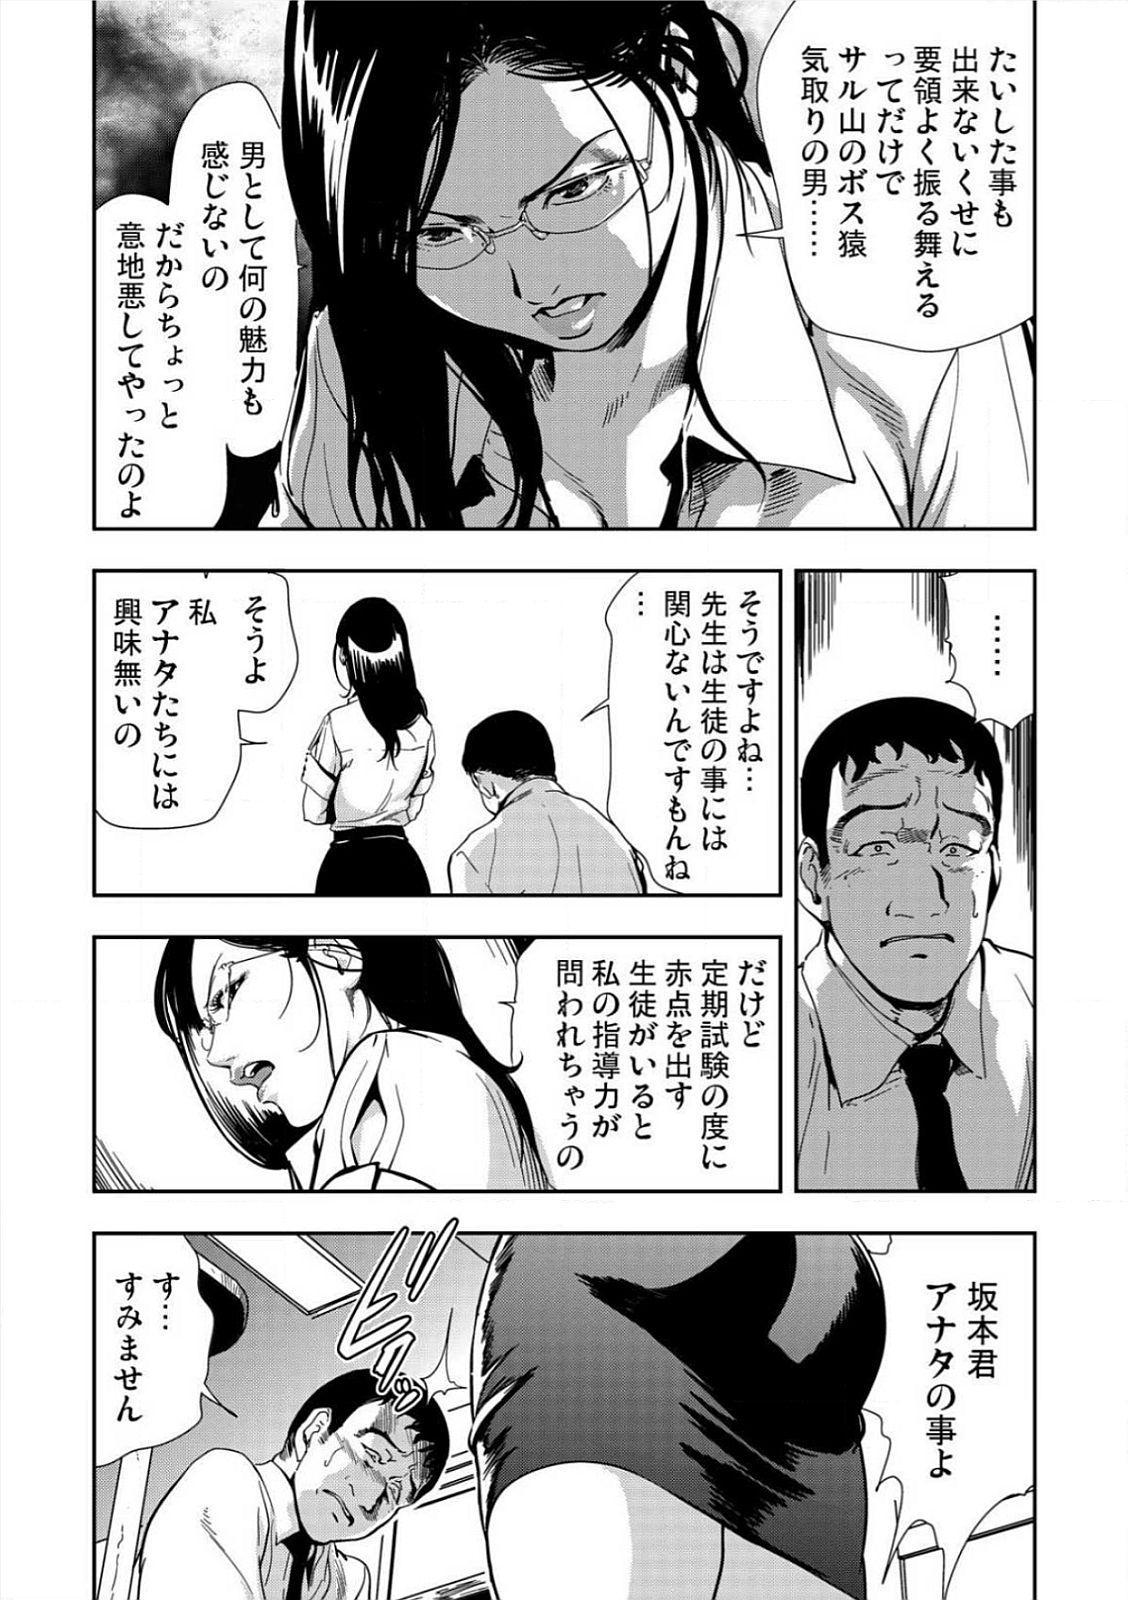 [Misaki Yukihiro] Kyousei Shidou ~Mechakucha ni Kegasarete~ (1)~(6) [Digital] 7